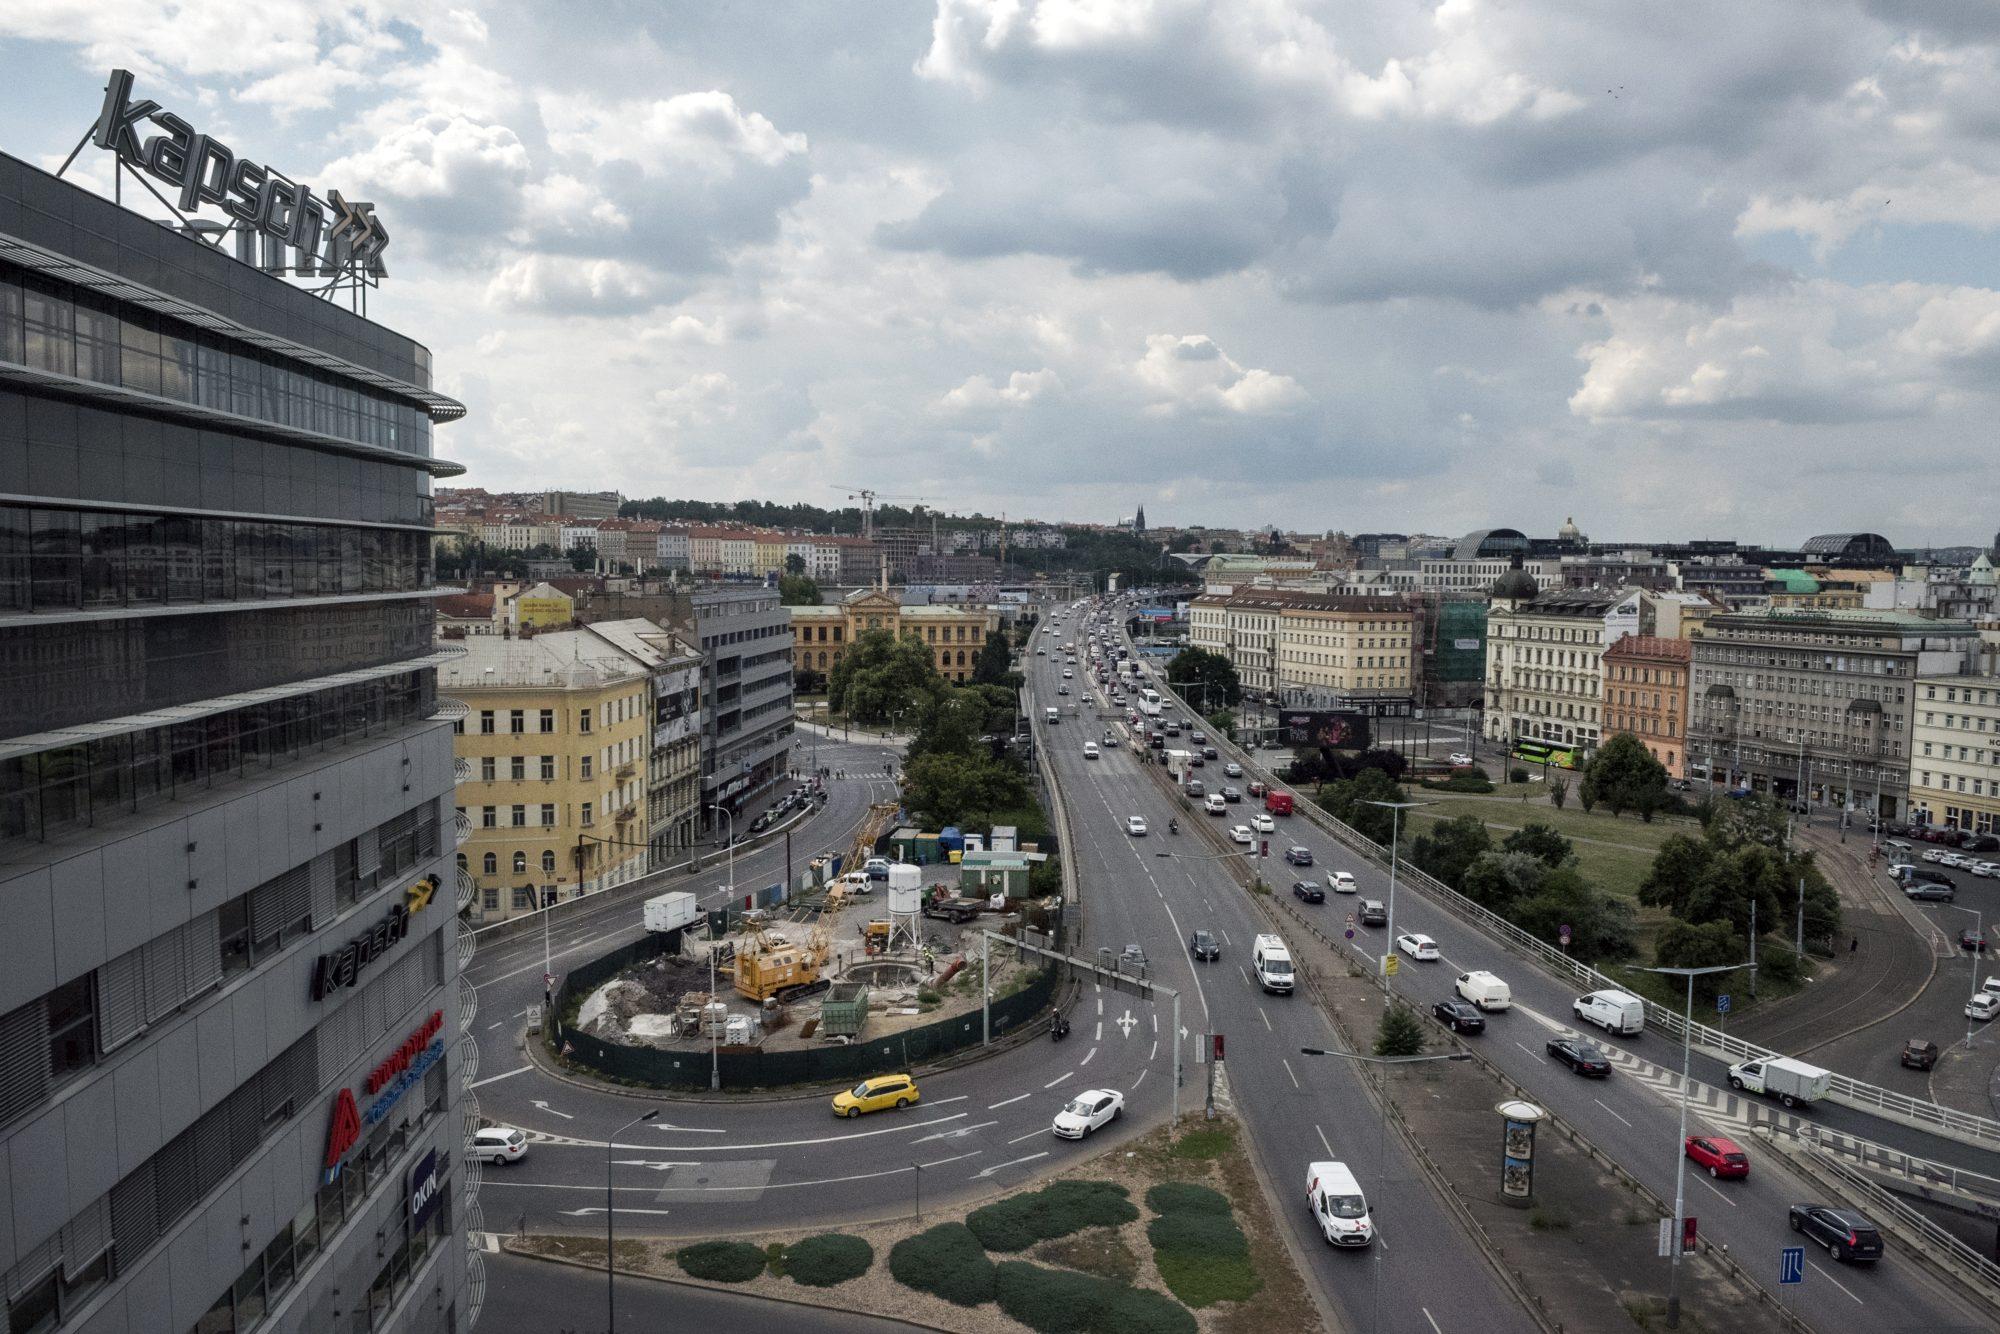 Provoz na pražské magistrále nedaleko administrativní budovy Diamond Point